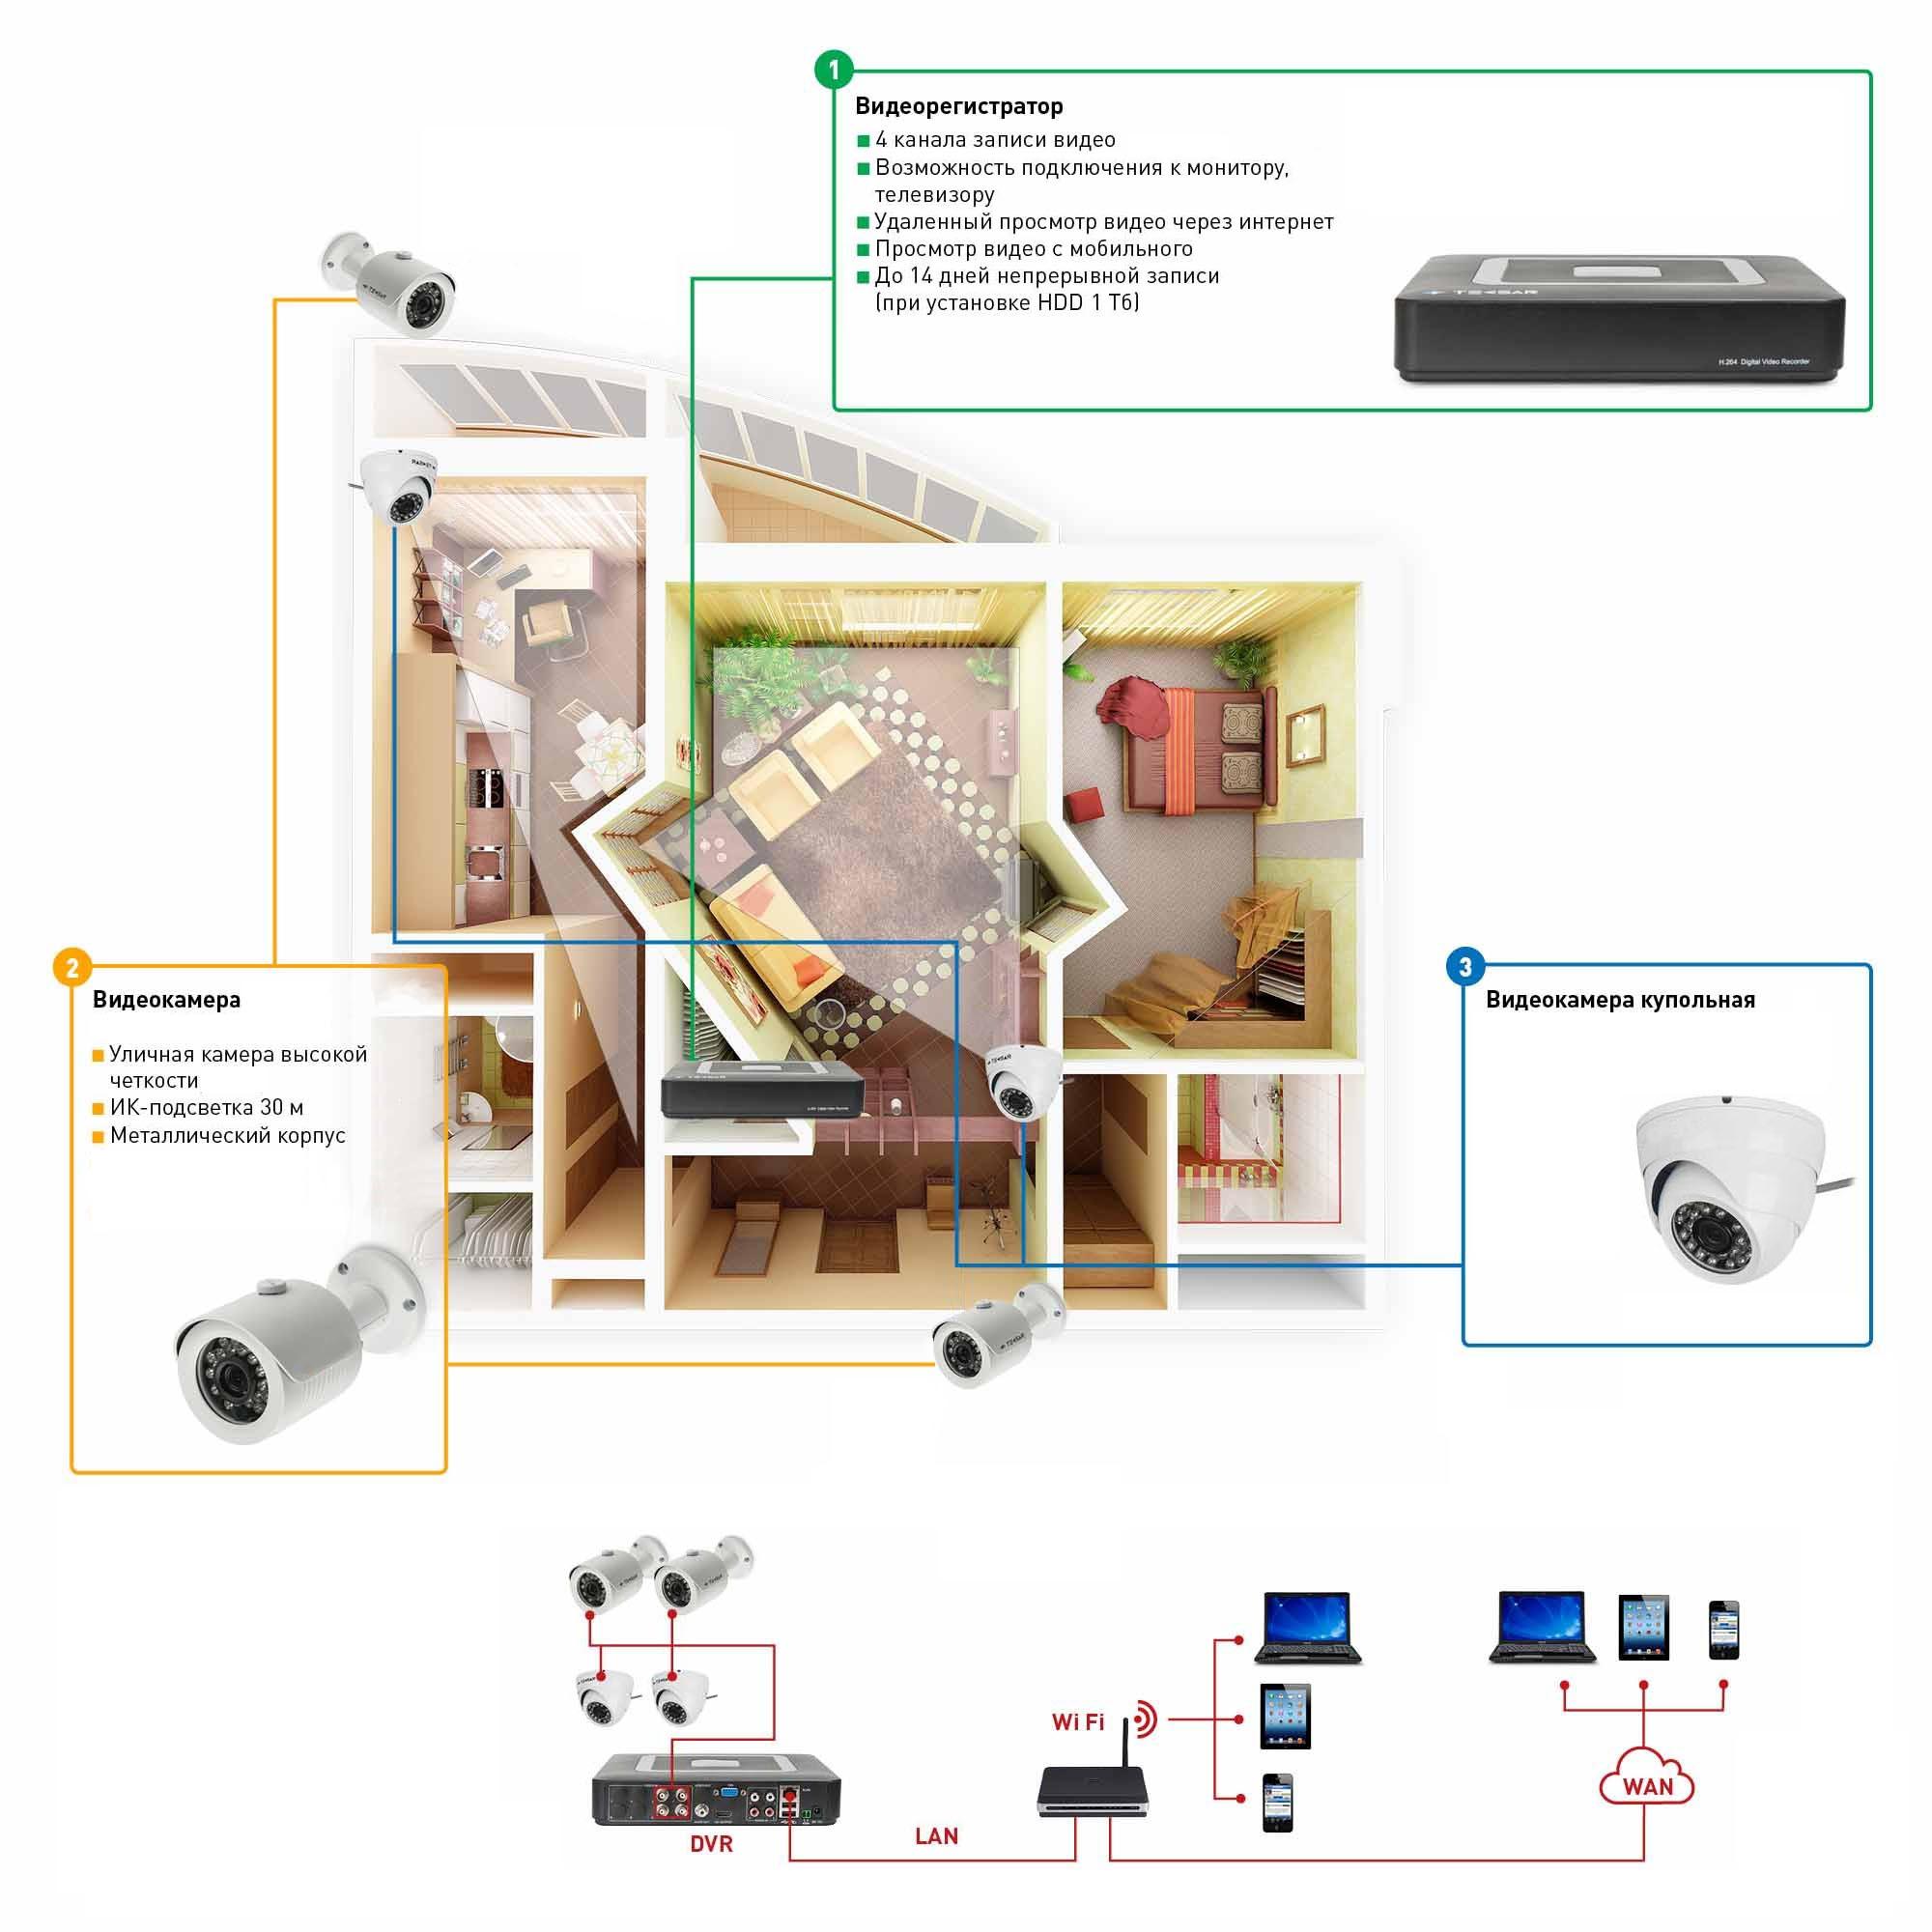 Схема системы видеонаблюдения дома